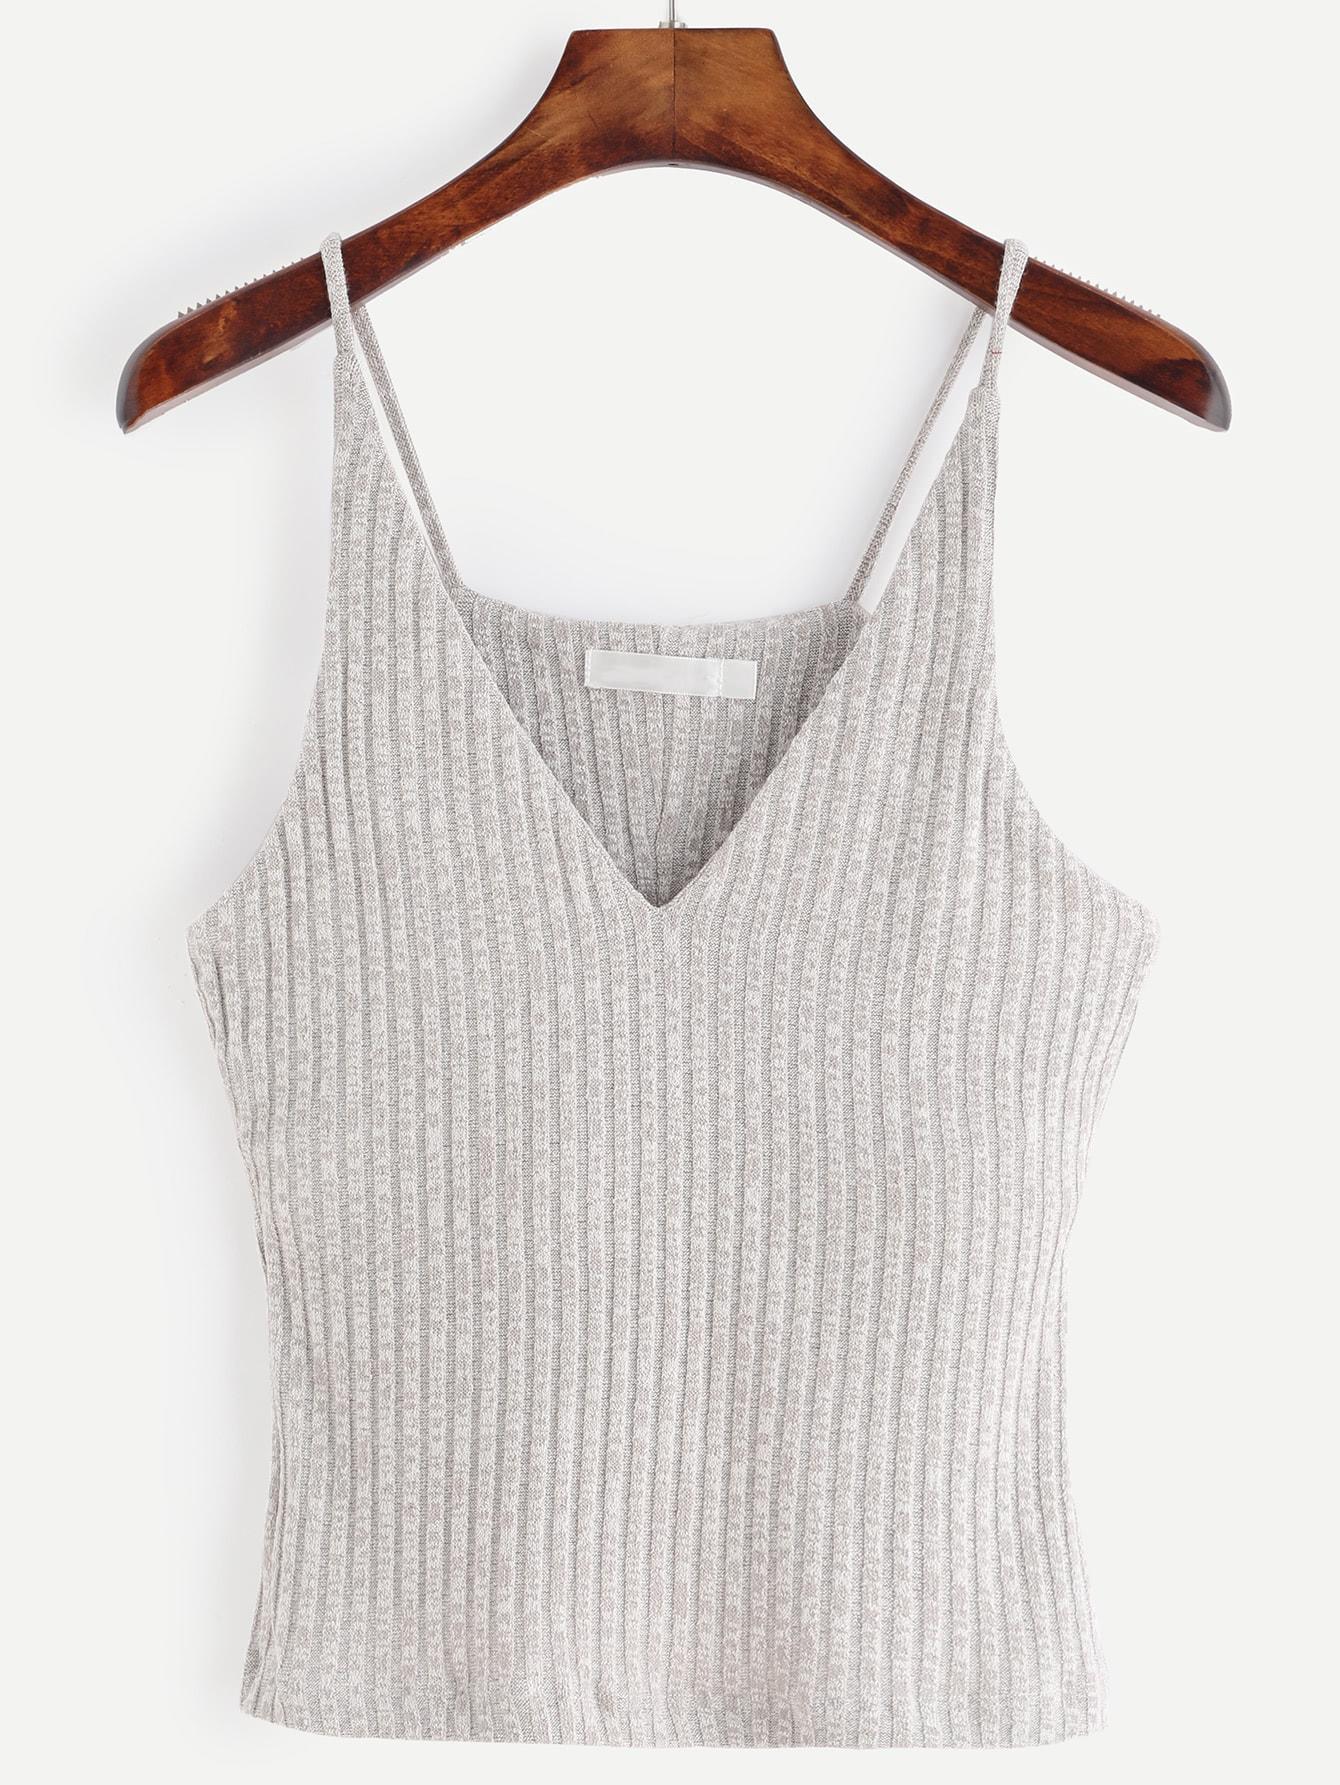 Grey Marled Knit Ribbed Cami Top